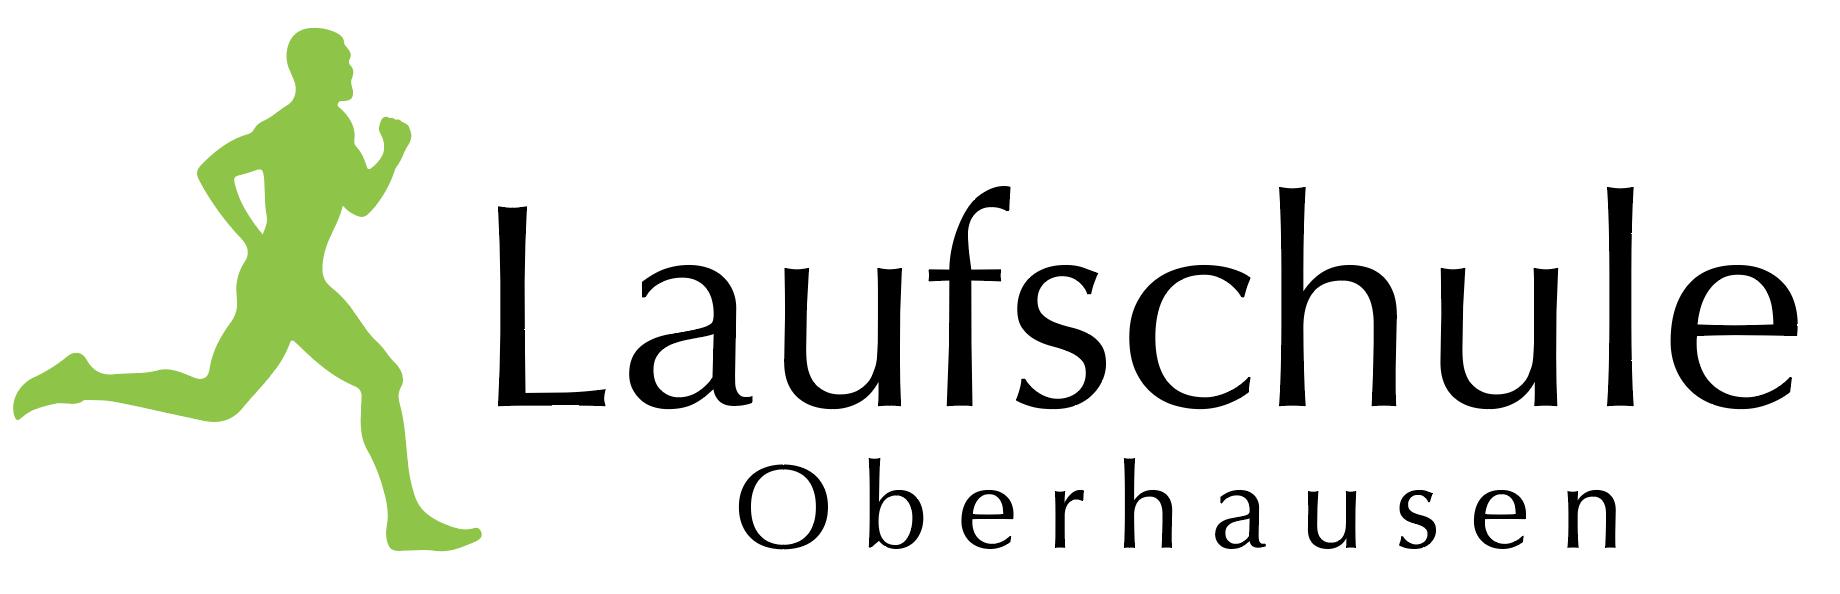 Laufschule Oberhausen – Seit 10 Jahren in Oberhausen am Kaisergarten